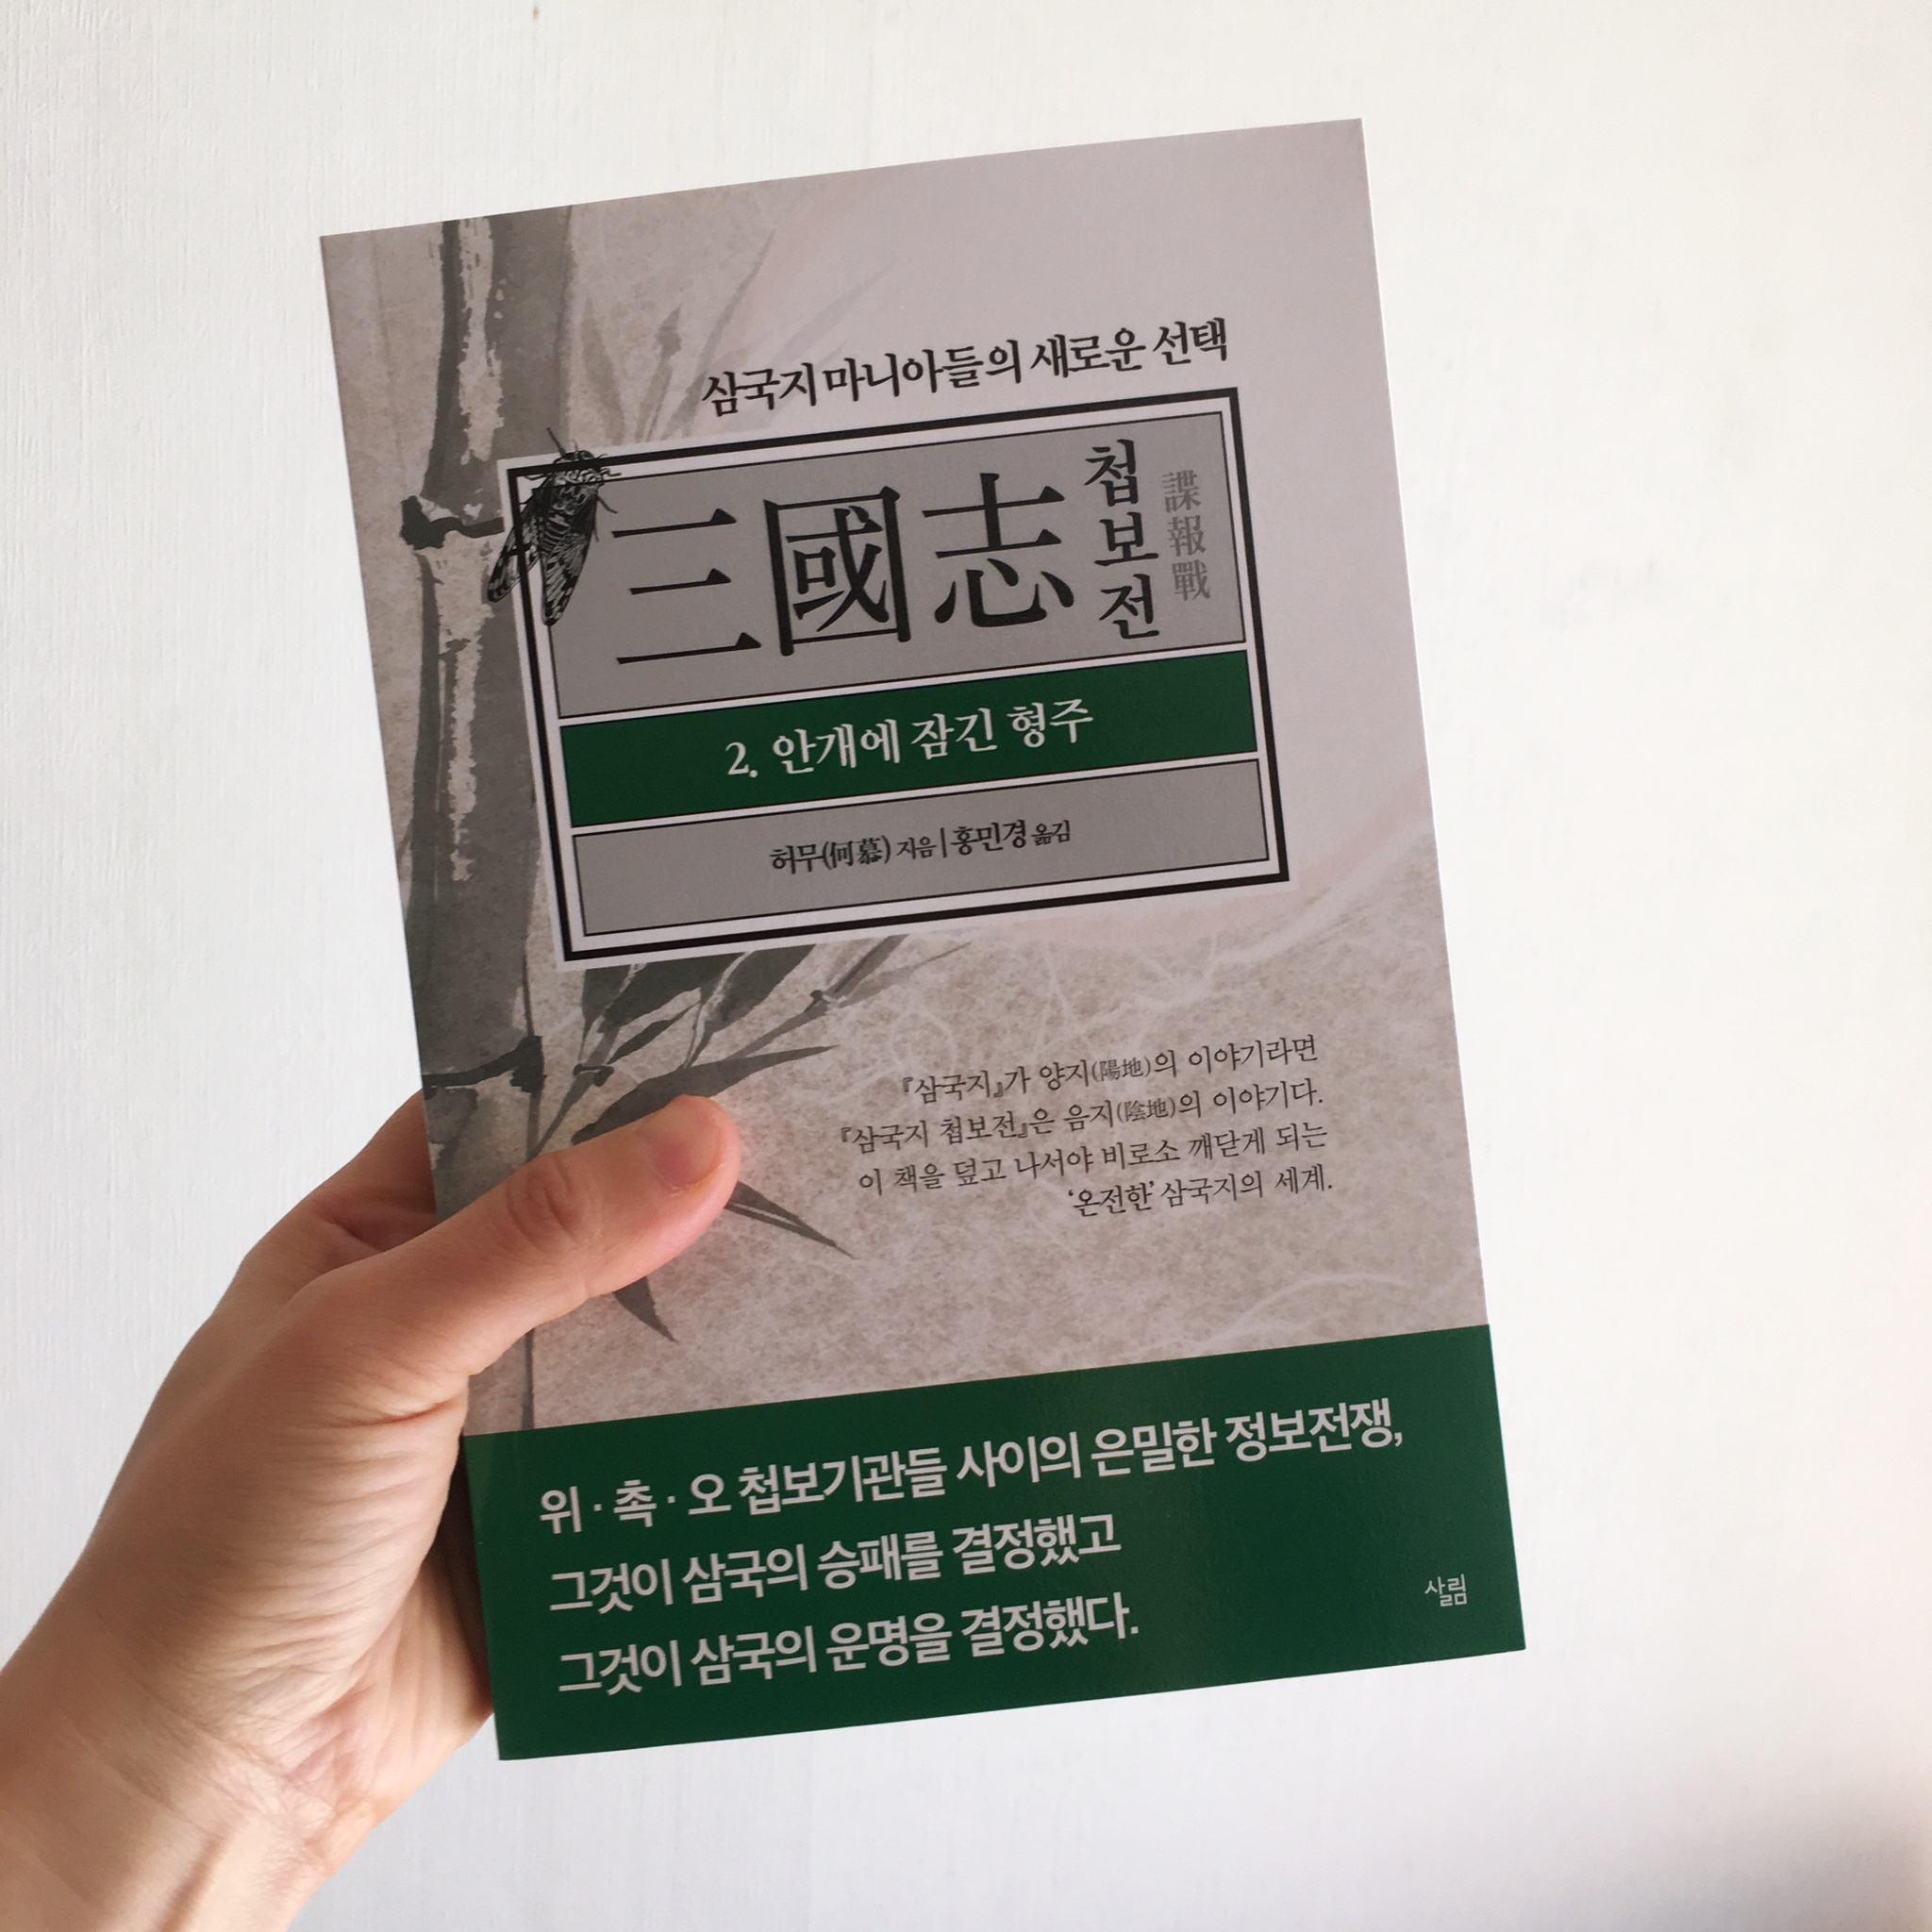 [북 리뷰] 삼국지 첩보전 2.안개에 잠긴 형주. 허무 지음. 홍민경 옮김. 살림출판사. (2020)